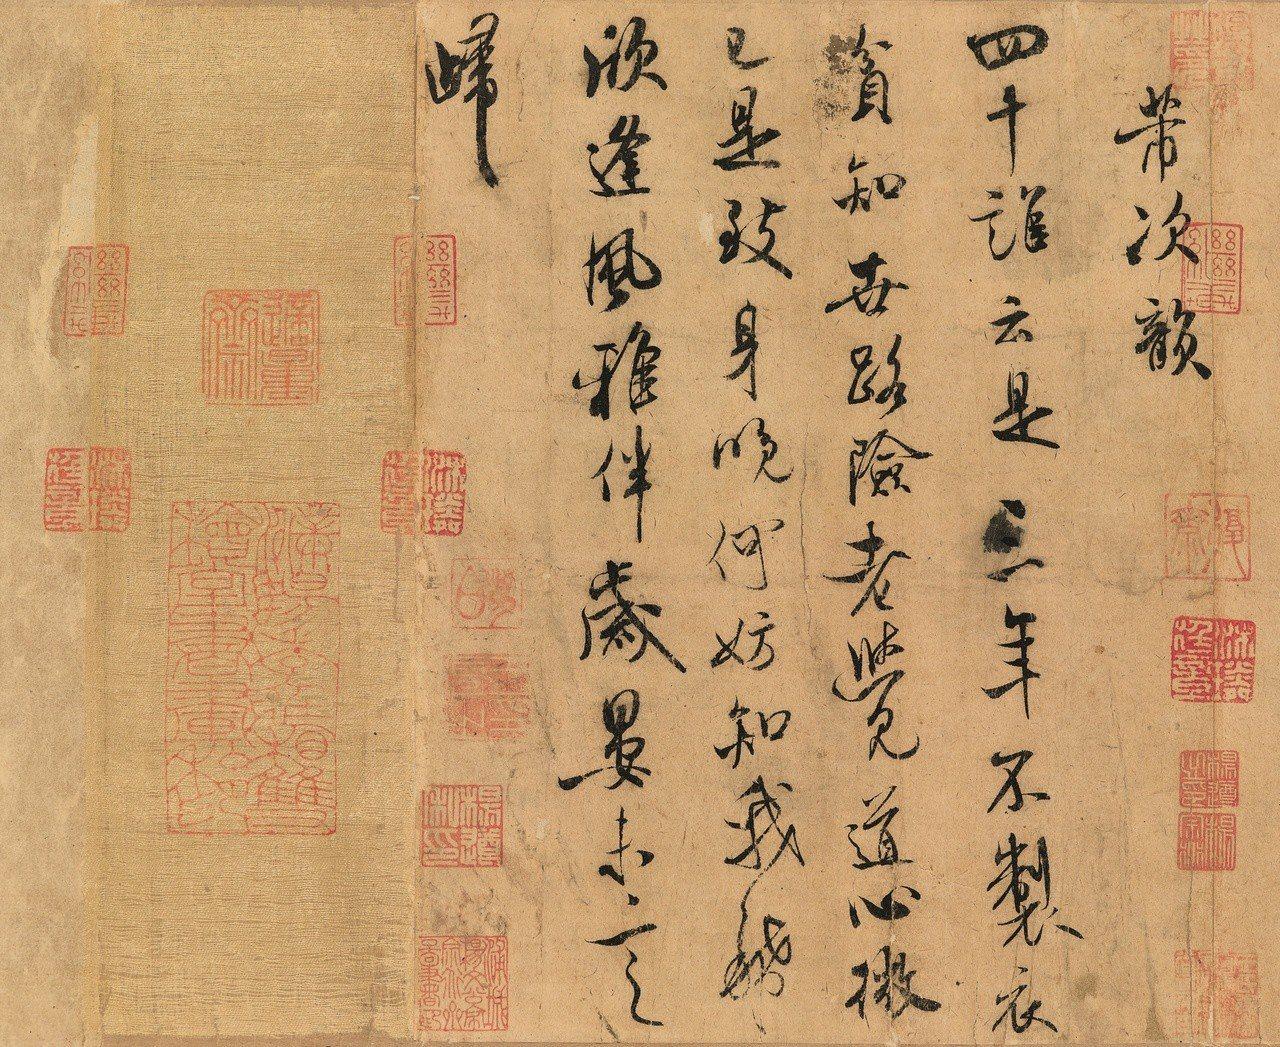 蘇軾「木石圖」上有同為宋代書法四大家之一的米芾題字:「四十誰云是 , 三年不製衣...